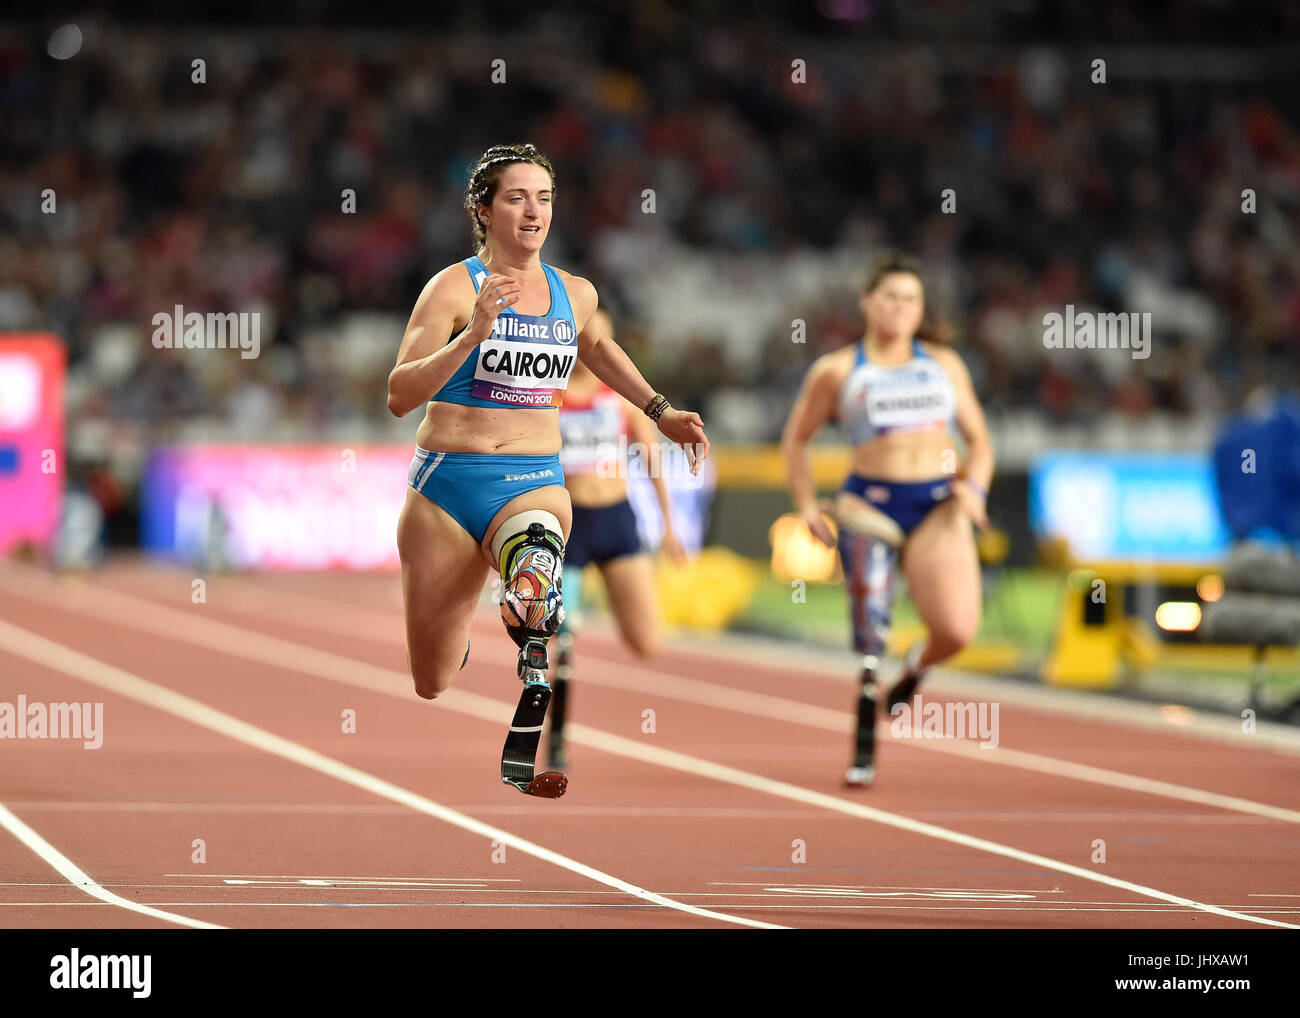 Londra, Regno Unito. 16 Luglio, 2017. Martina Caironi vince la donna 1000M T42 durante la Finale Mondiale del Para Immagini Stock